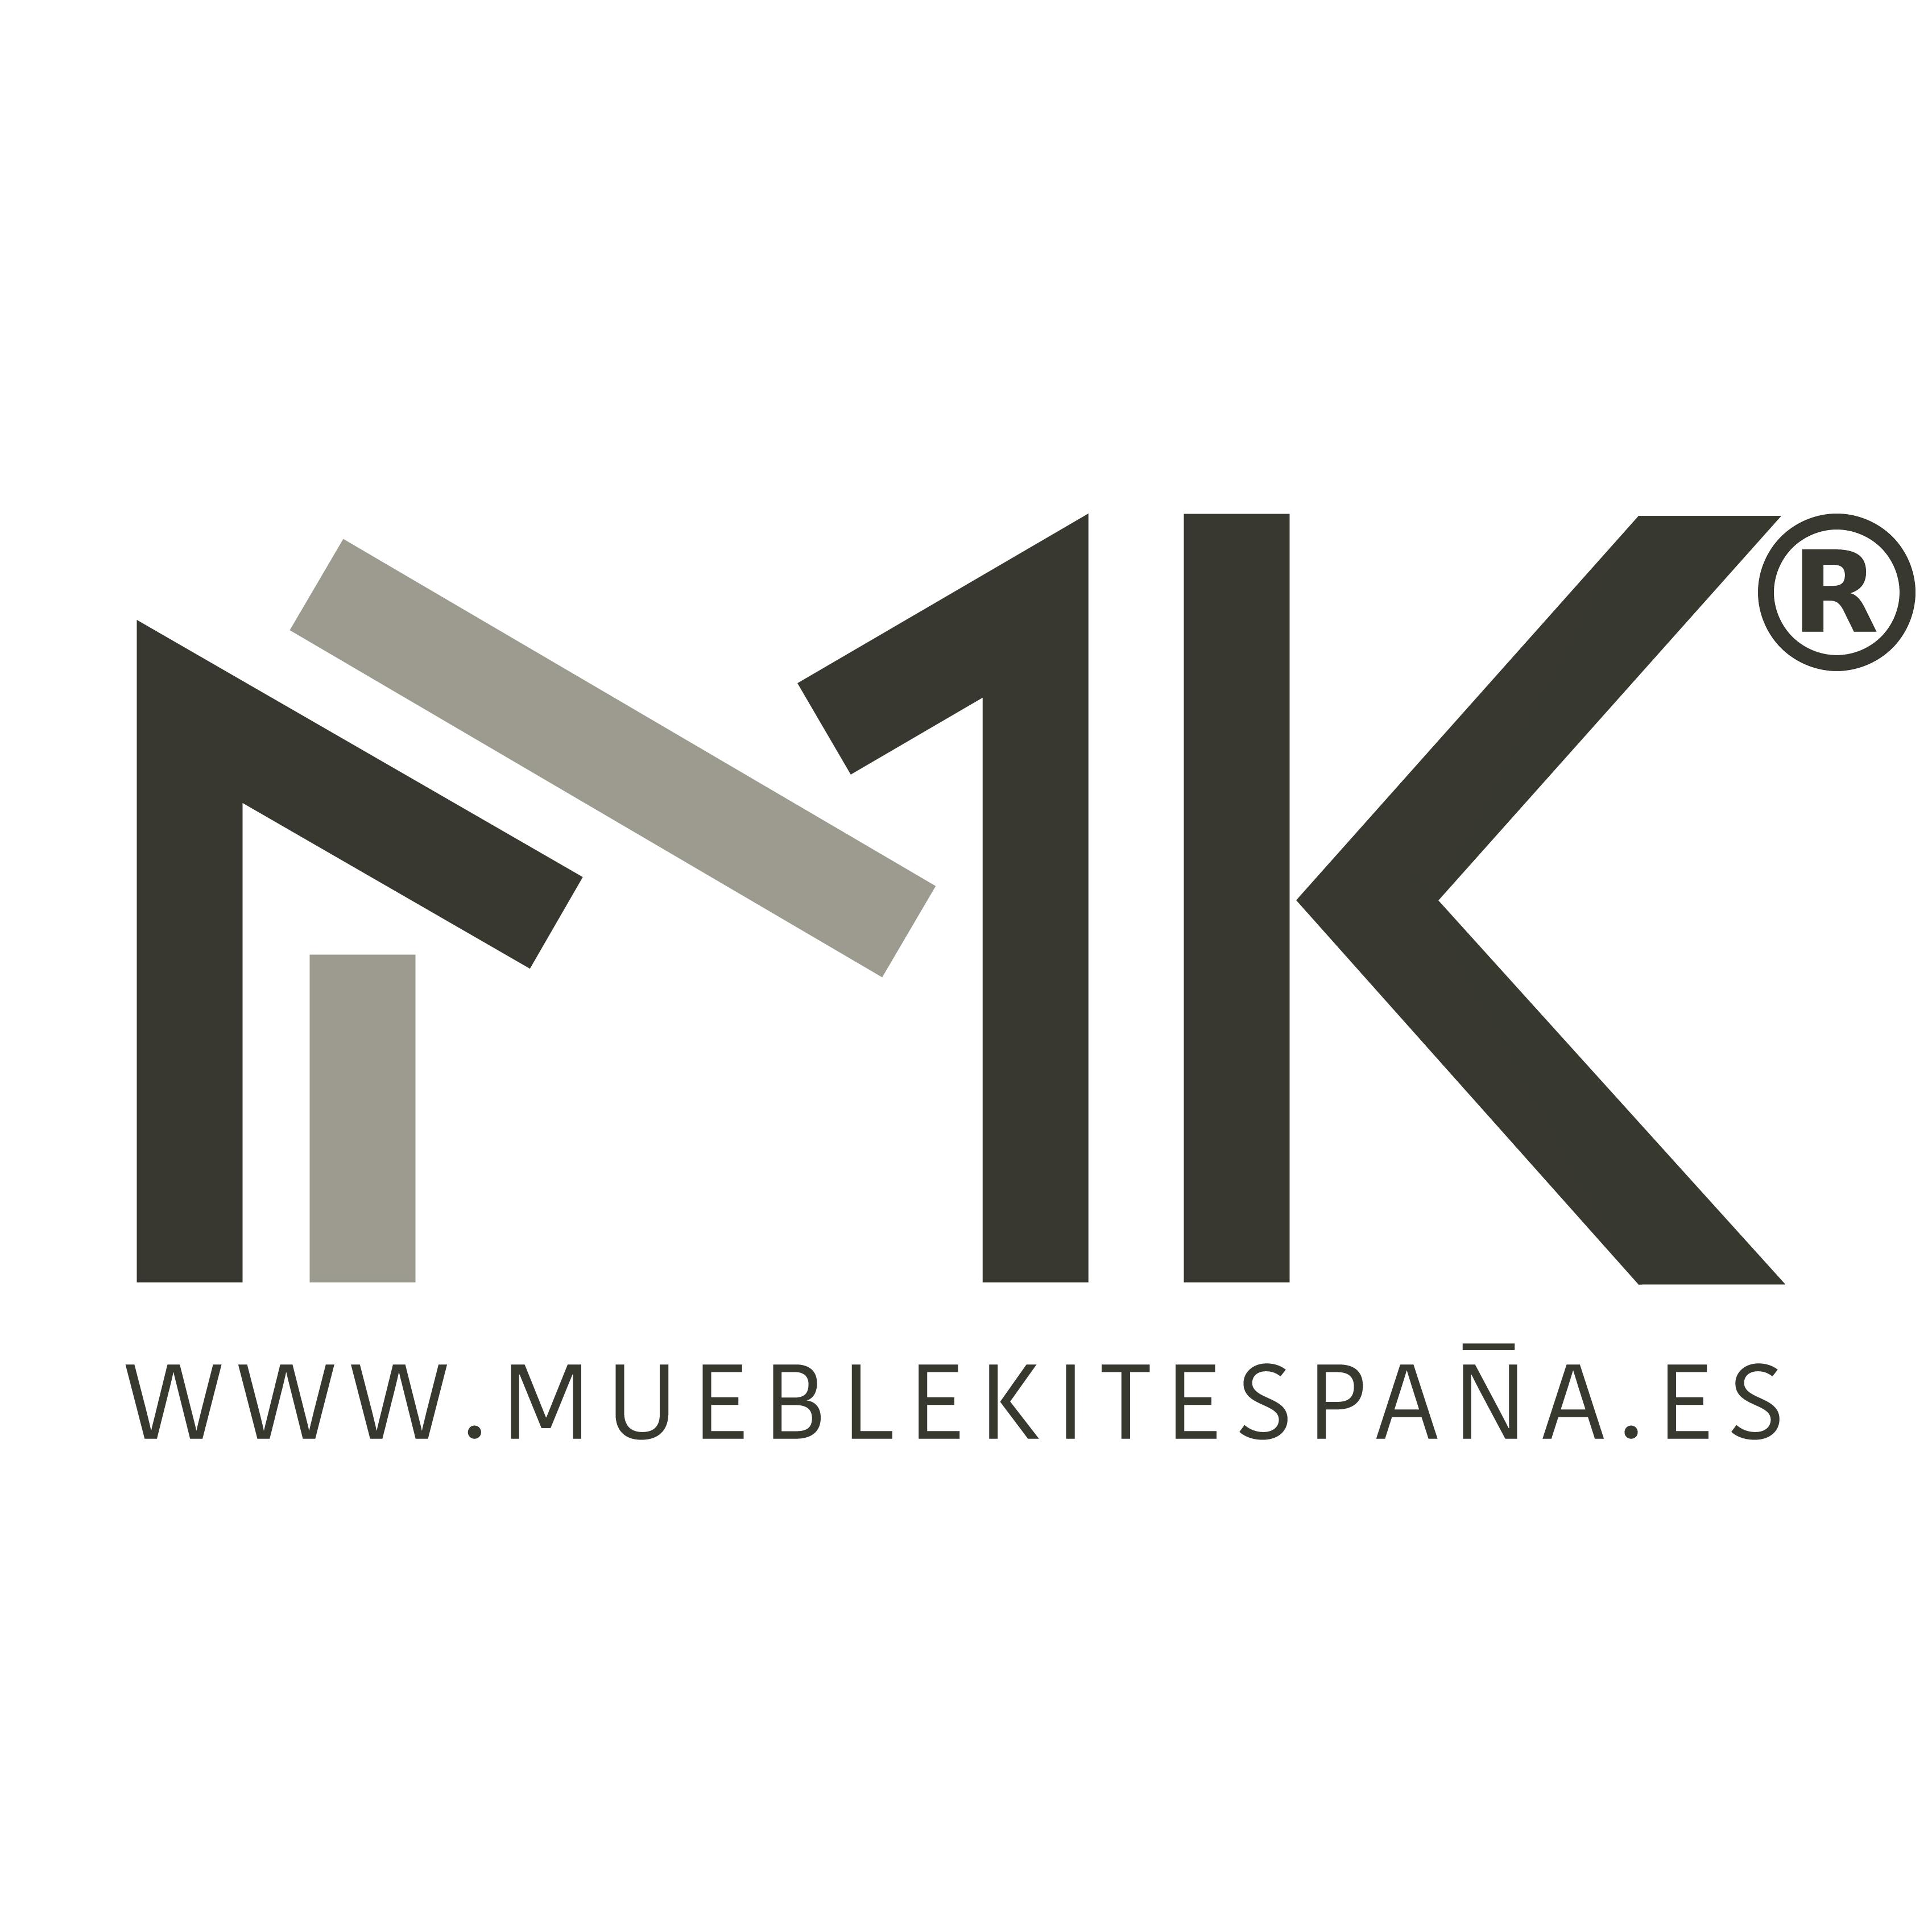 Mueble Kit España